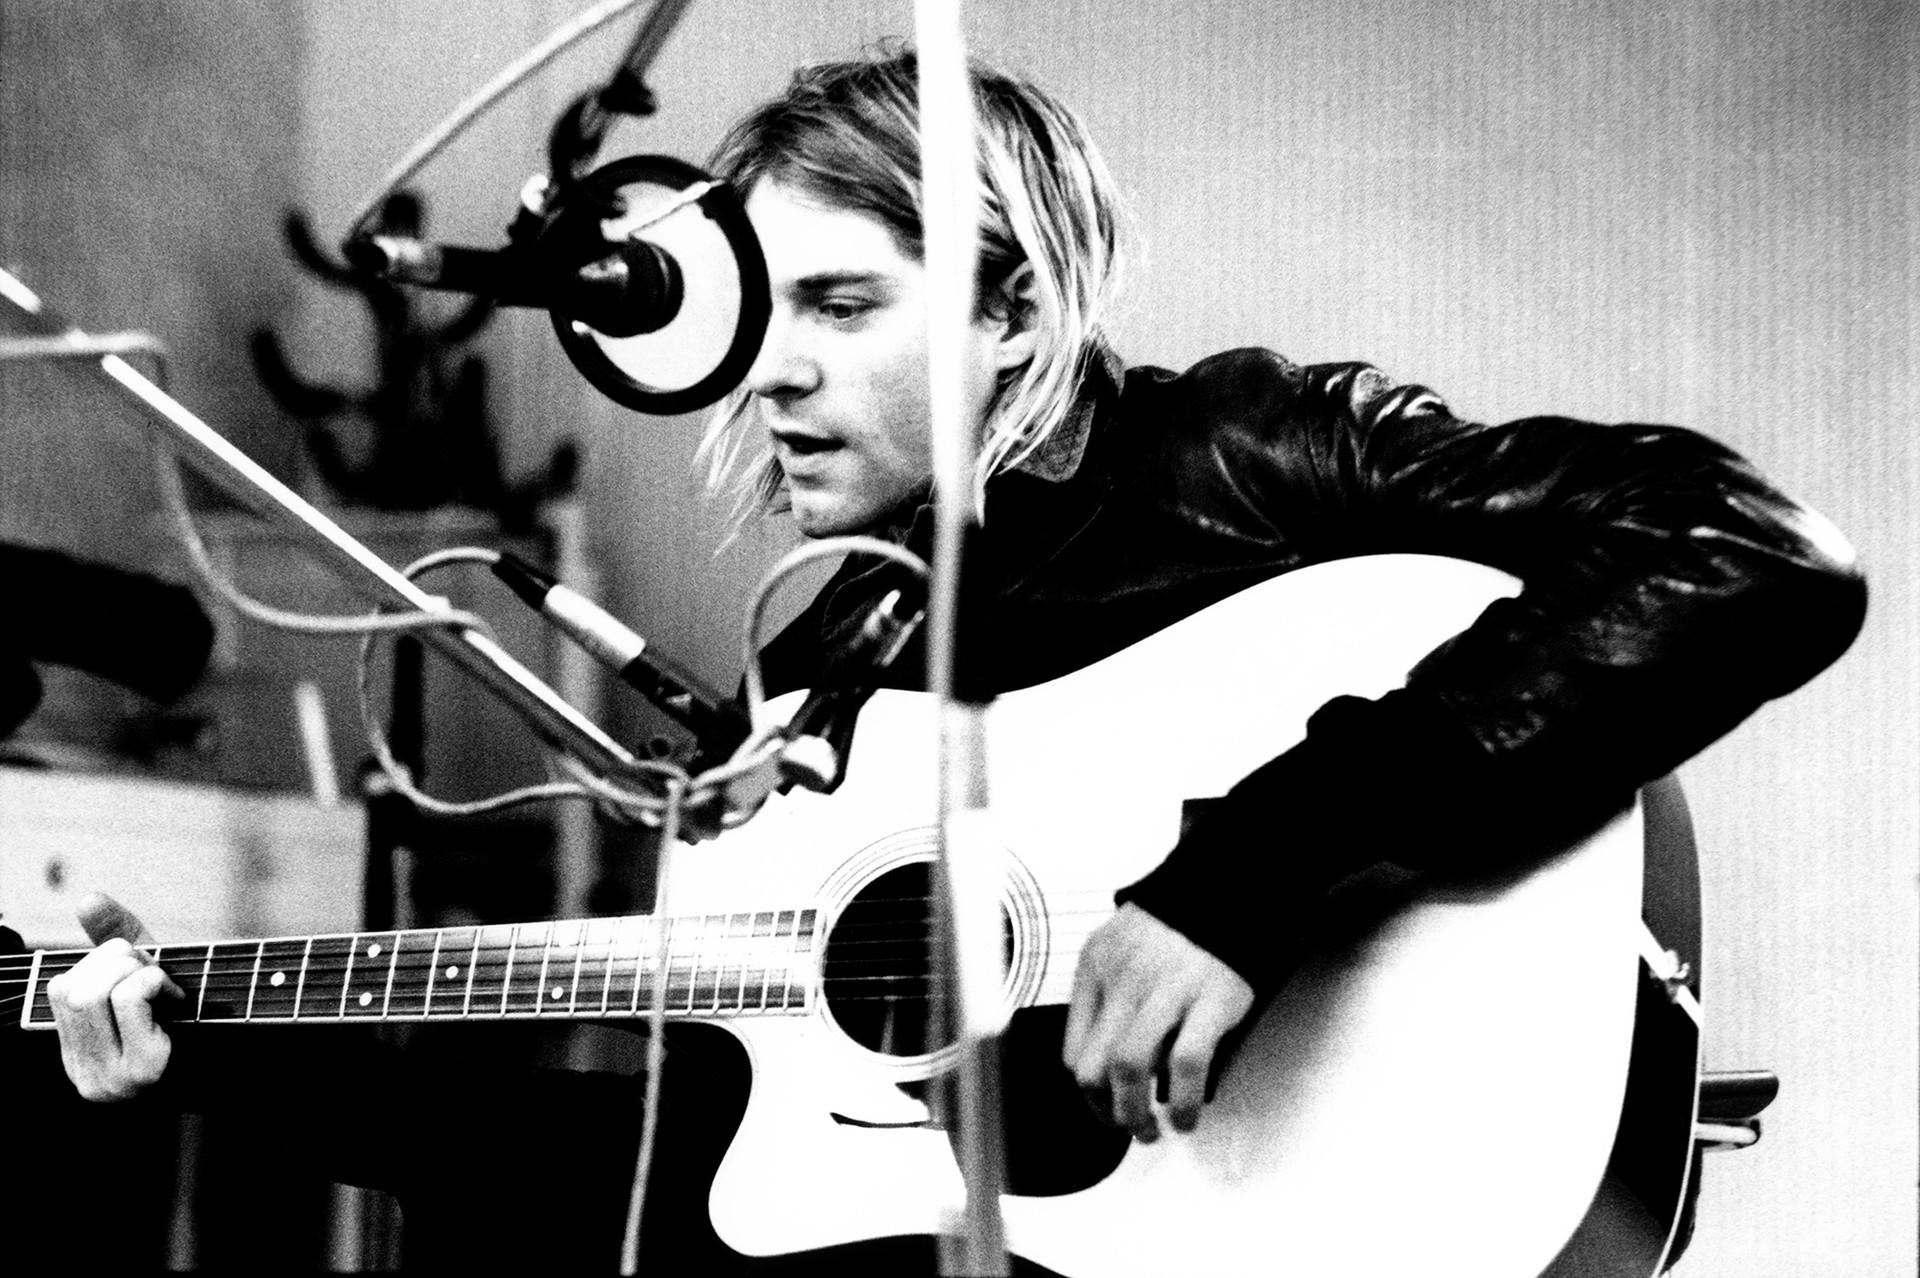 E não é que o Kurt Cobain também curtia a marca? Mas o da foto não é da 'Oktava'.